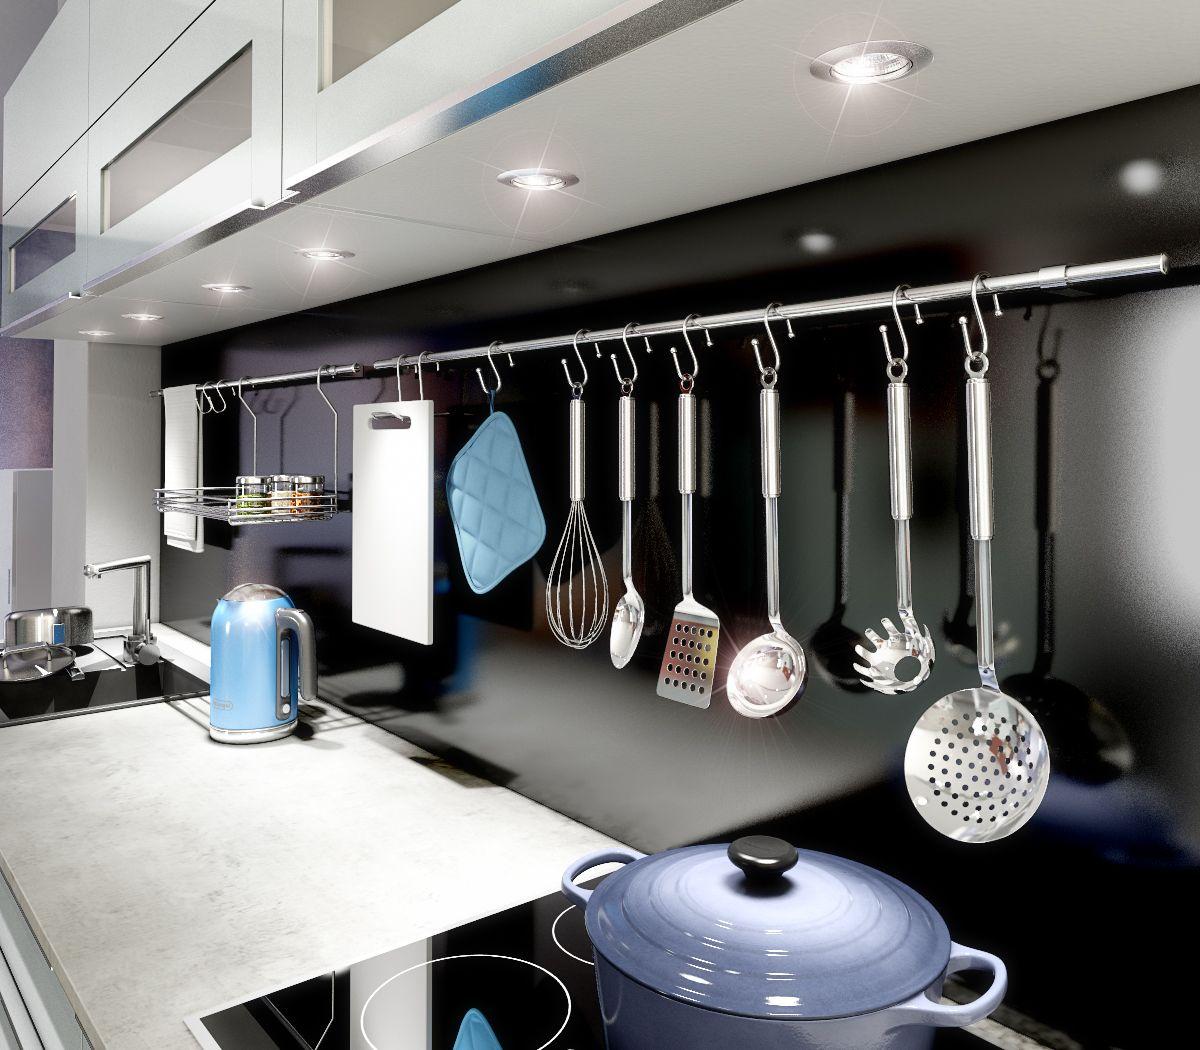 La Barre De Credence En Inox Ideale Pour Avoir Ses Accessoires De Cuisine A Portee De Main Accessoires Cuisine Mobilier De Salon Cuisine You